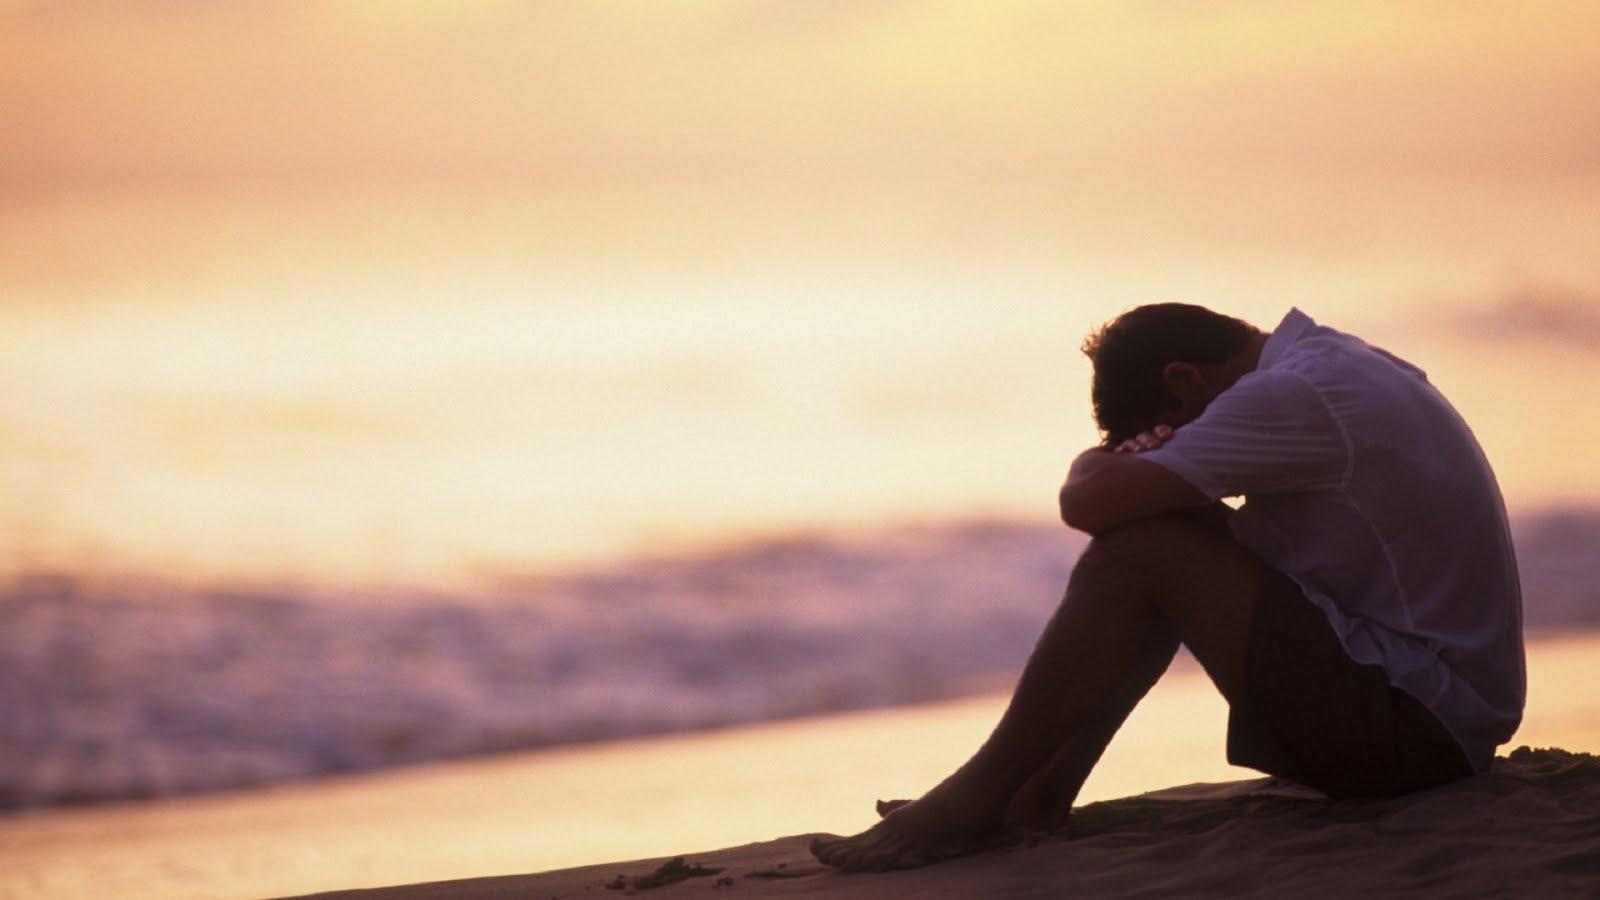 بالصور صور شخص حزين , تعبير عن الحزن من الصور 1066 6